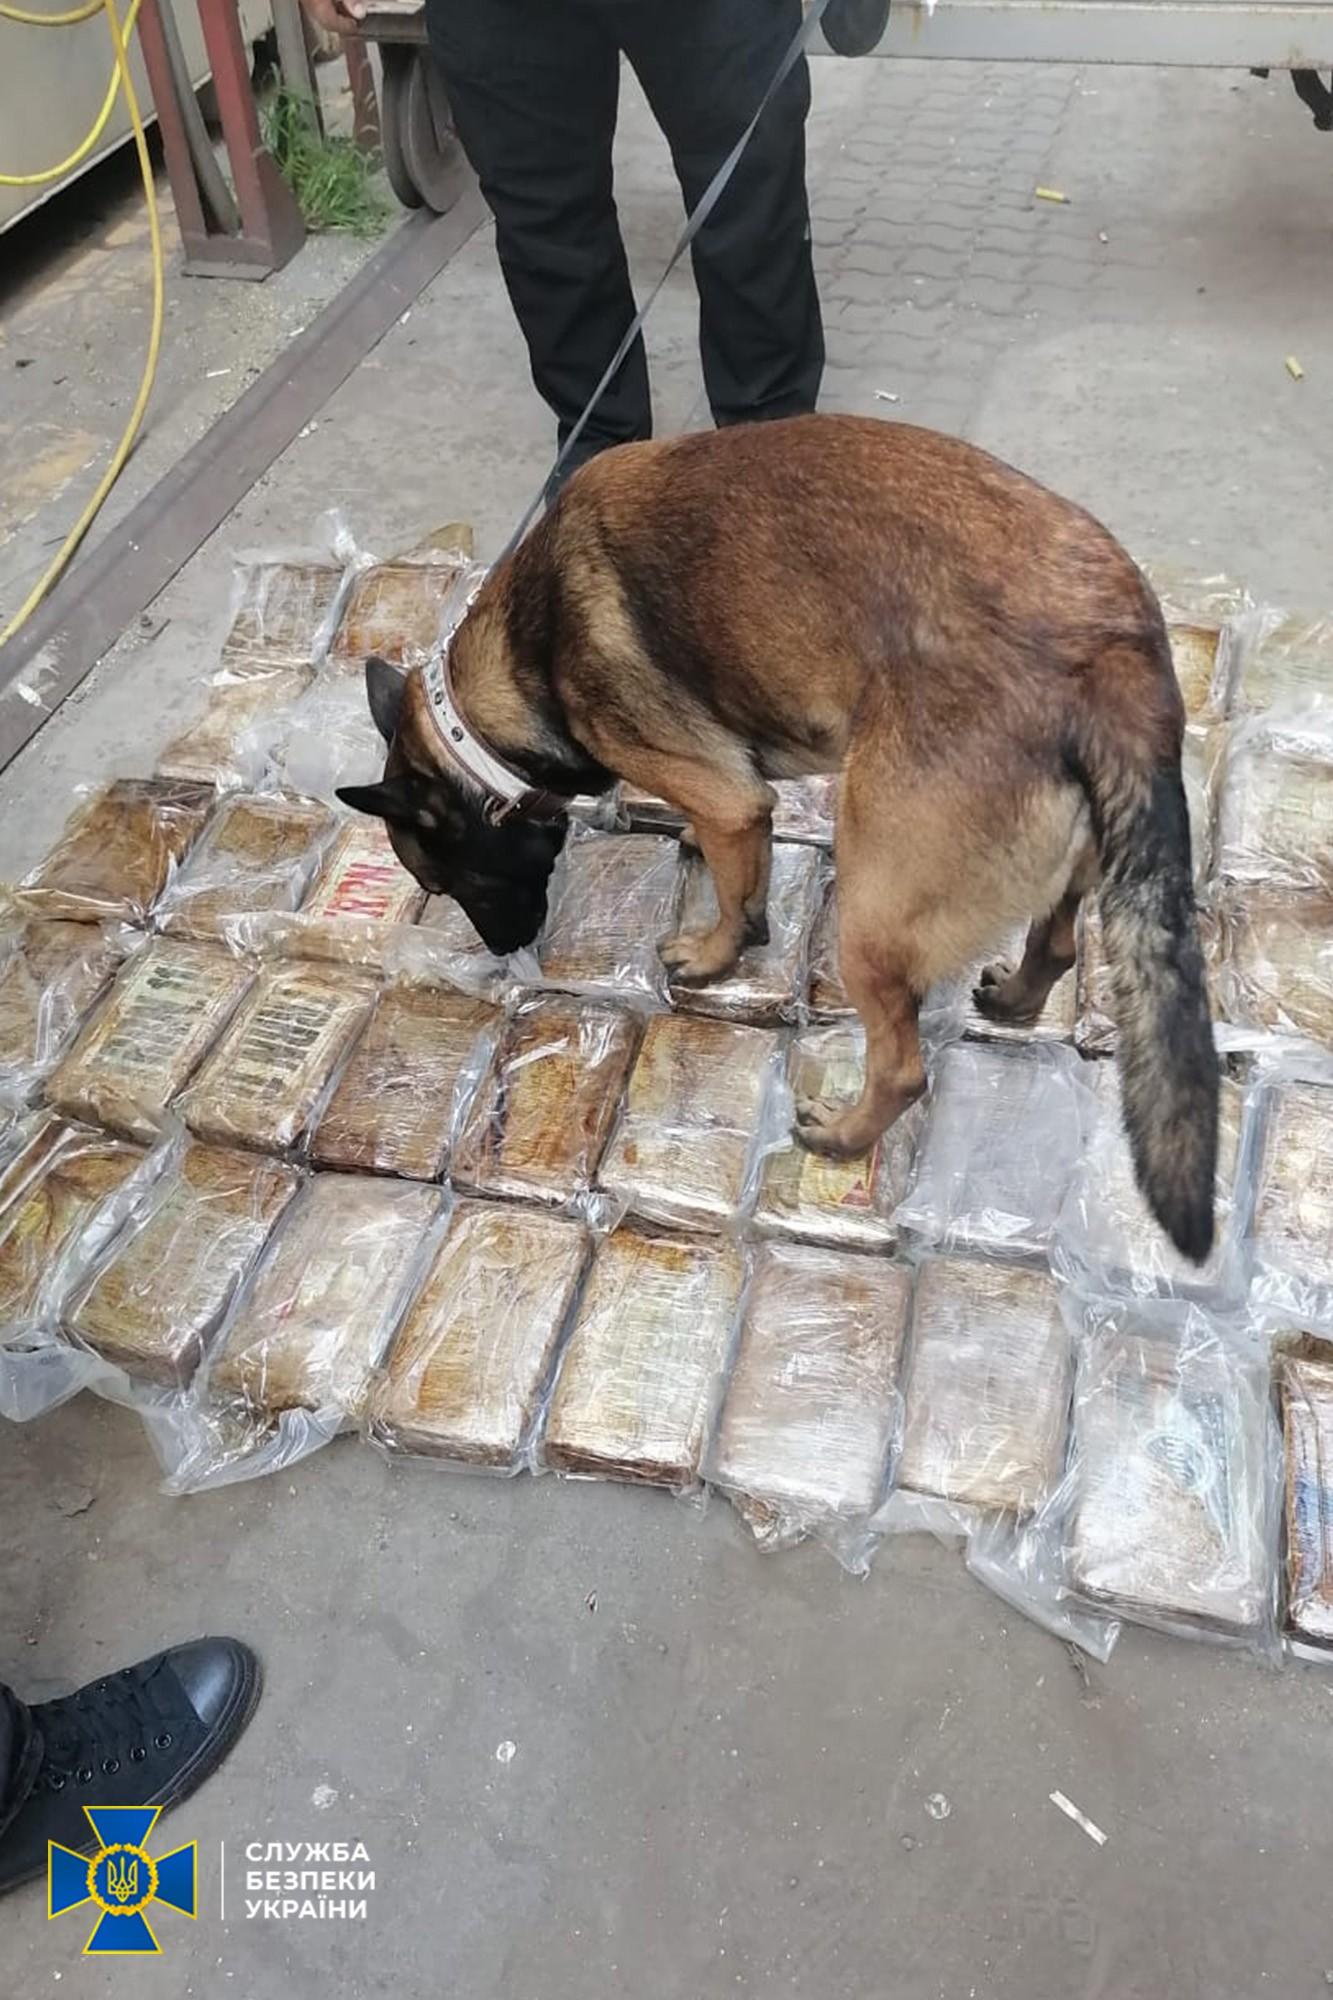 СБУ зупинила контрабанду наркотиків найбільшого злочинного угруповання – ФОТО